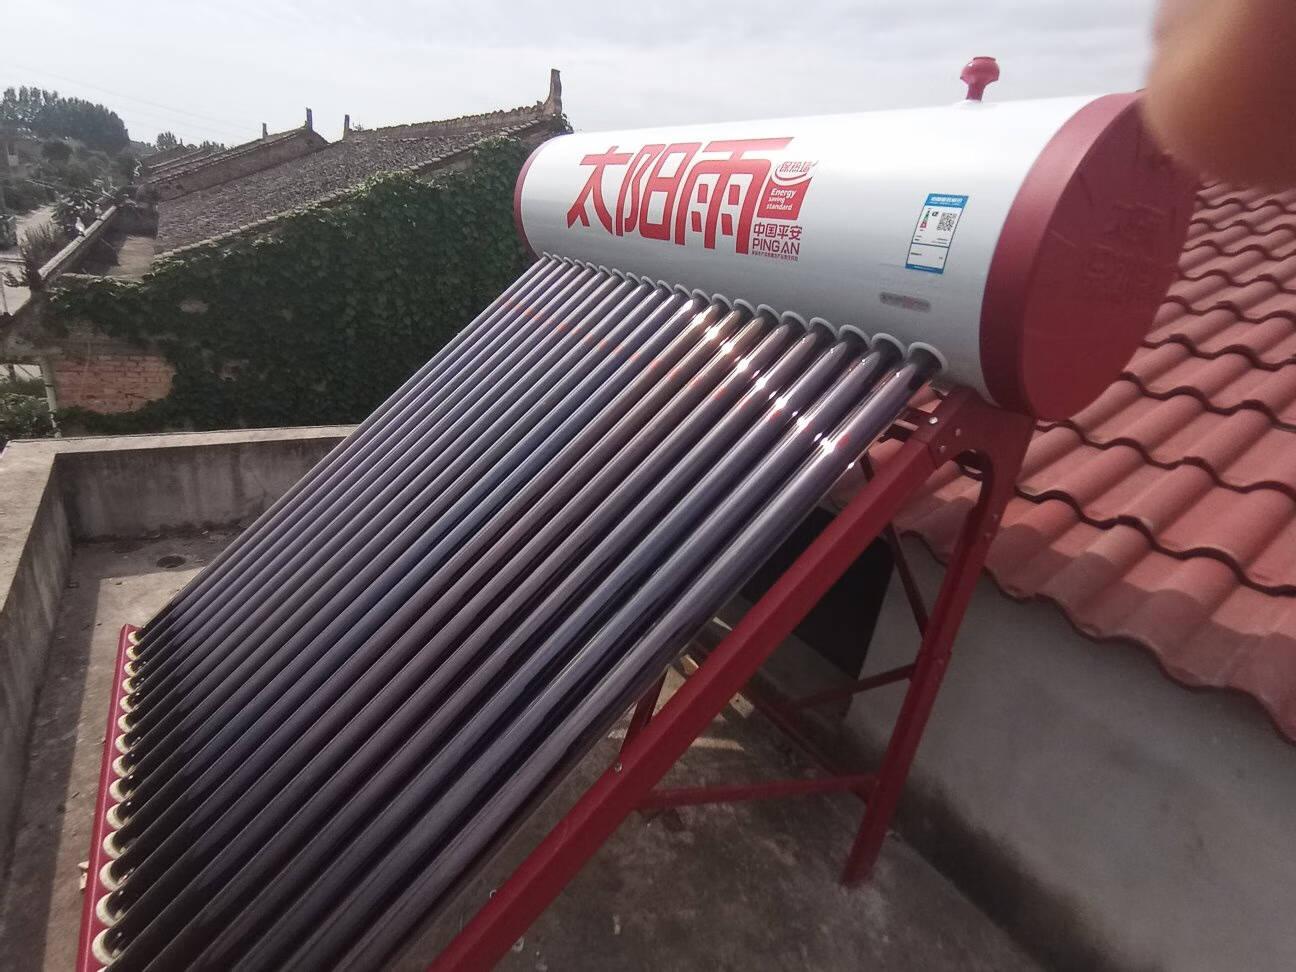 太阳雨(sunrain)A无电速热系列家用南极管保热墙太阳能热水器速热经济节能【送货入户】24管-180L建议4~5人